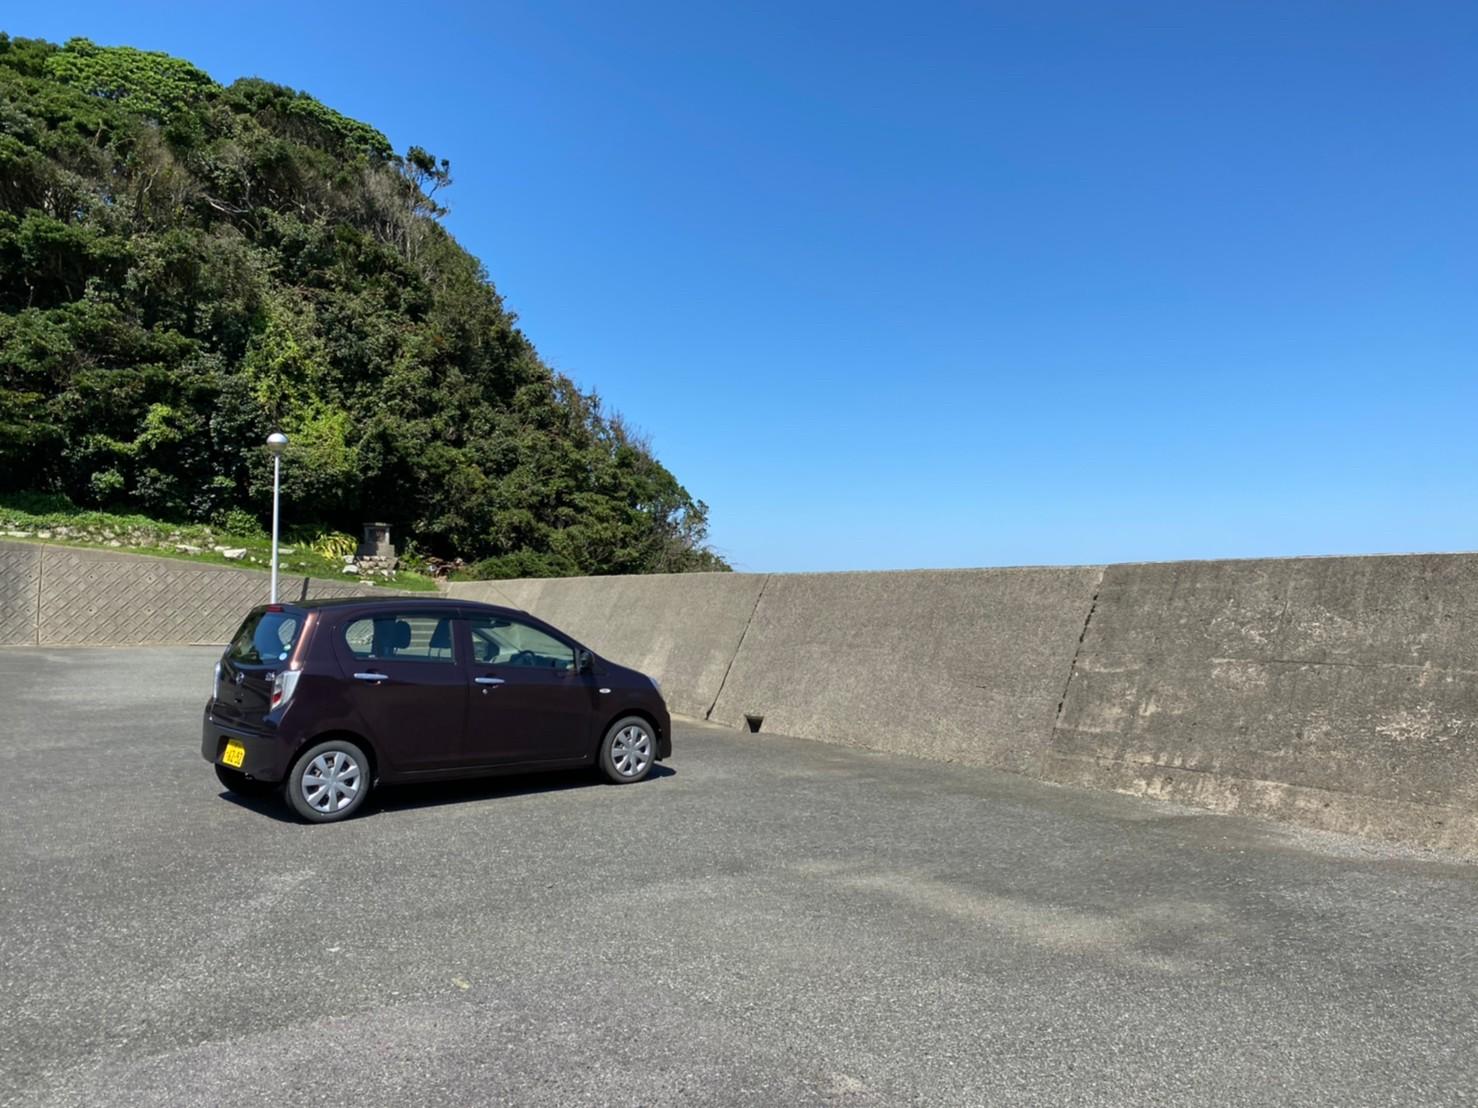 【三重県志摩市】『名田エリア』の海釣りガイド(釣れる魚・駐車場・トイレ)